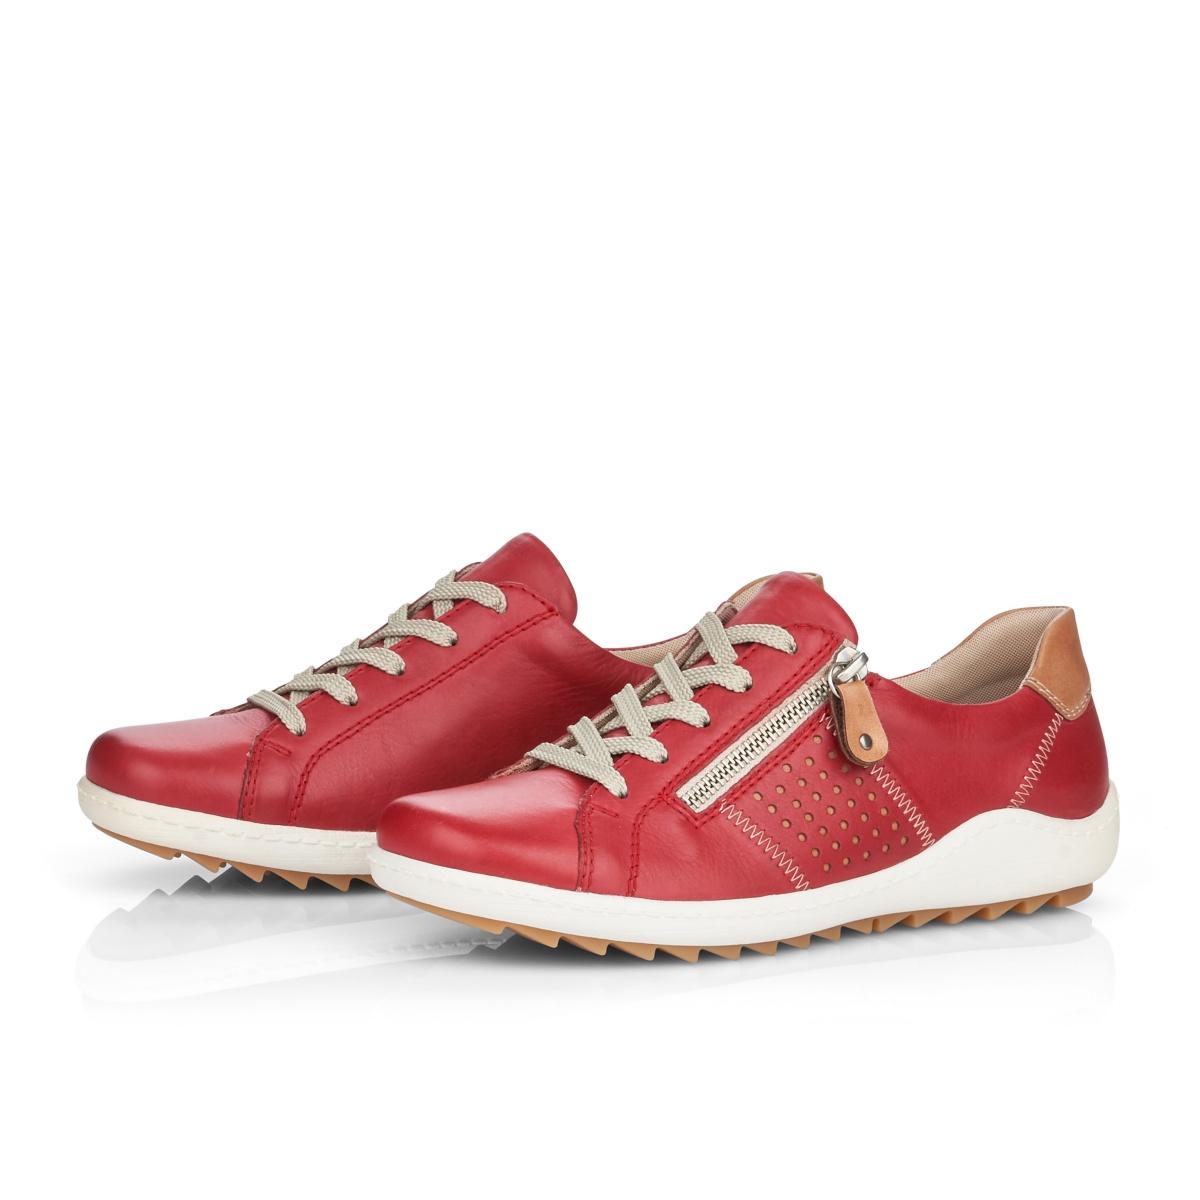 95443954f315 detail Dámská obuv RIEKER - REMONTE br R1417-33 ROT F S